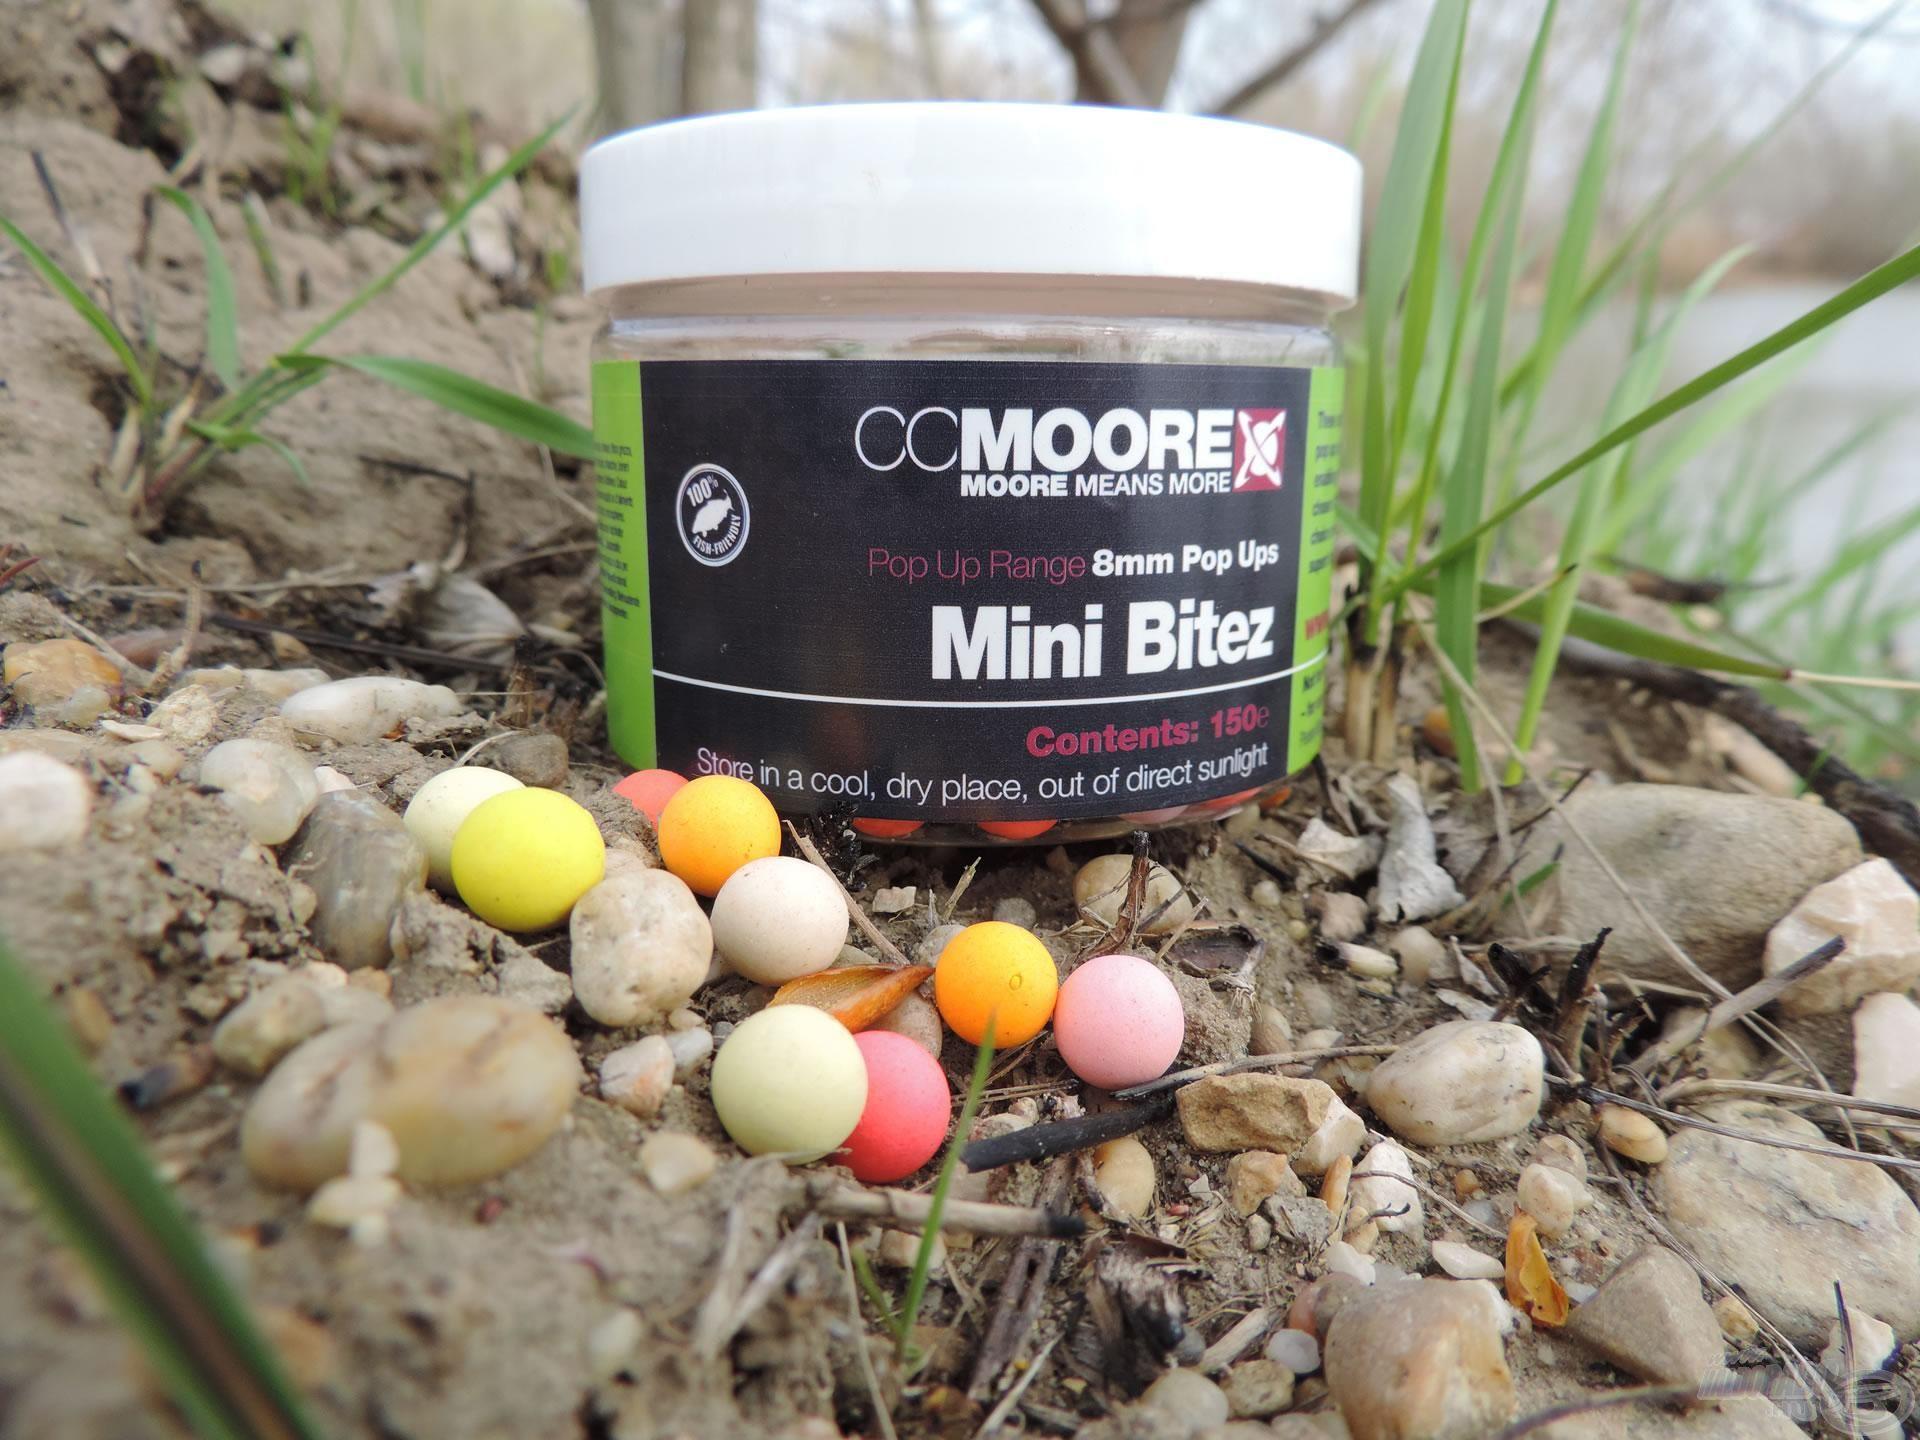 Mini Bitez – előtérben a sárga pici golyó